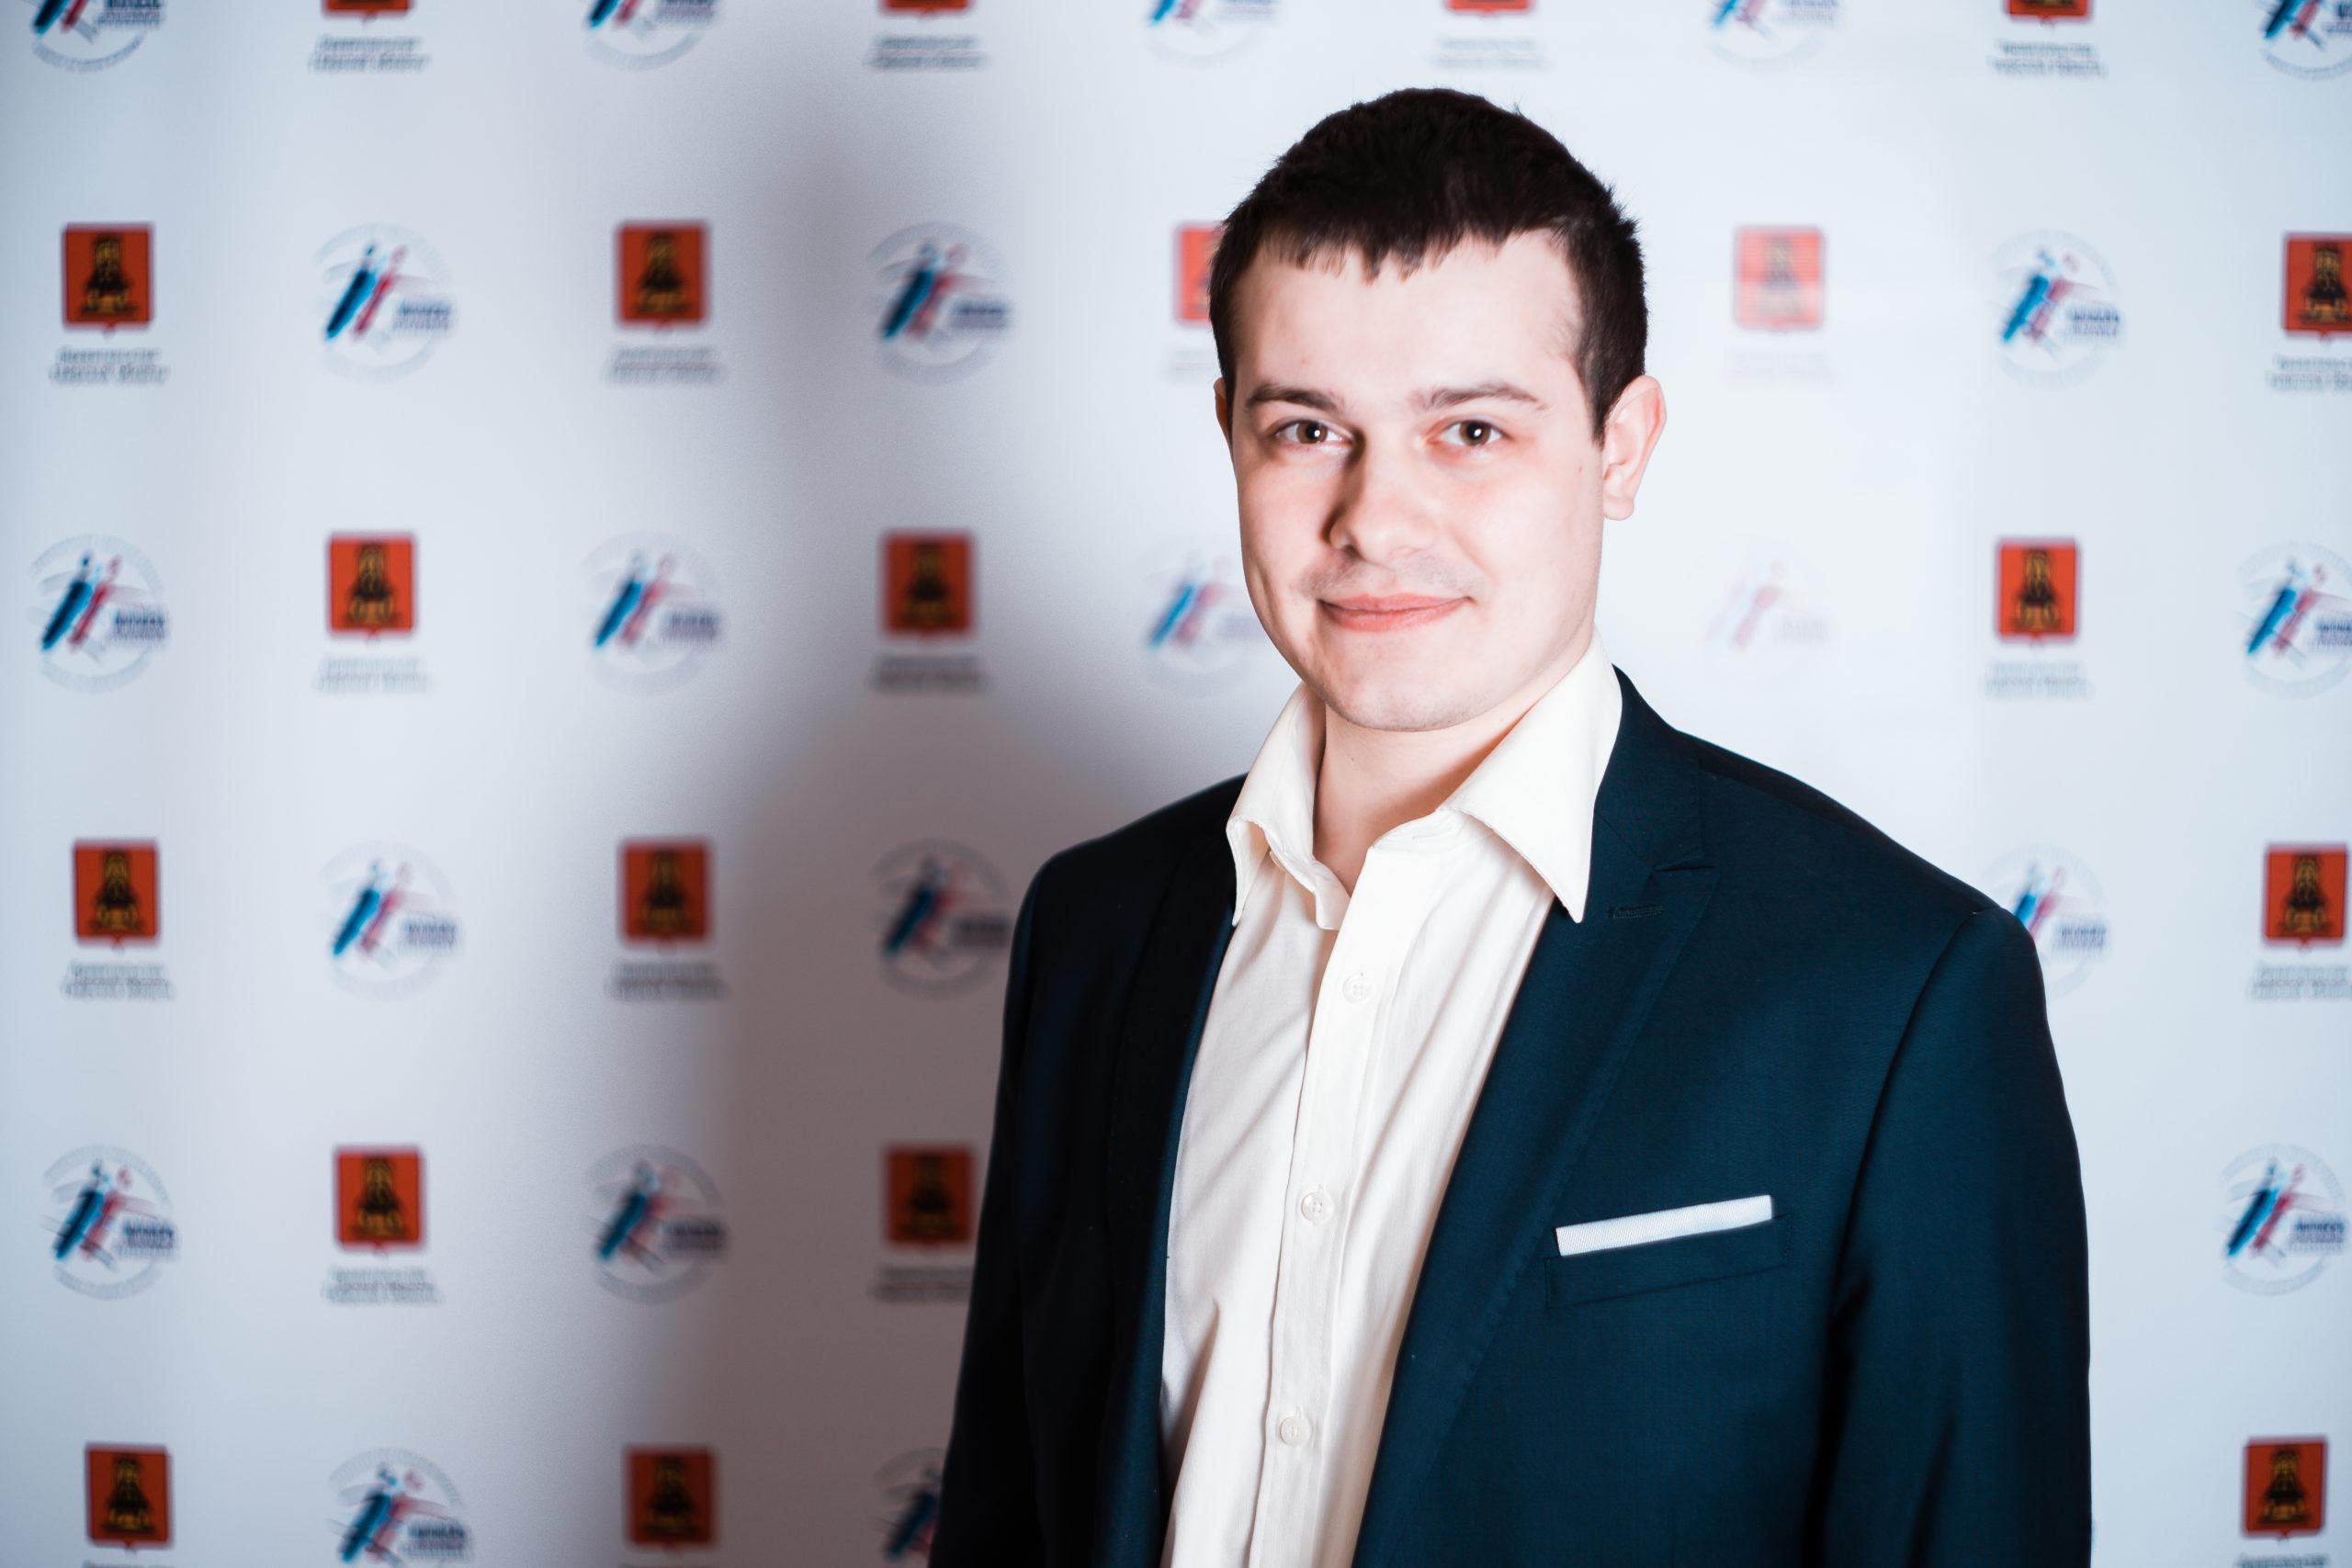 Владислав Березин: Все мы пьем воду, так что модернизация очистных сооружений очень актуальна